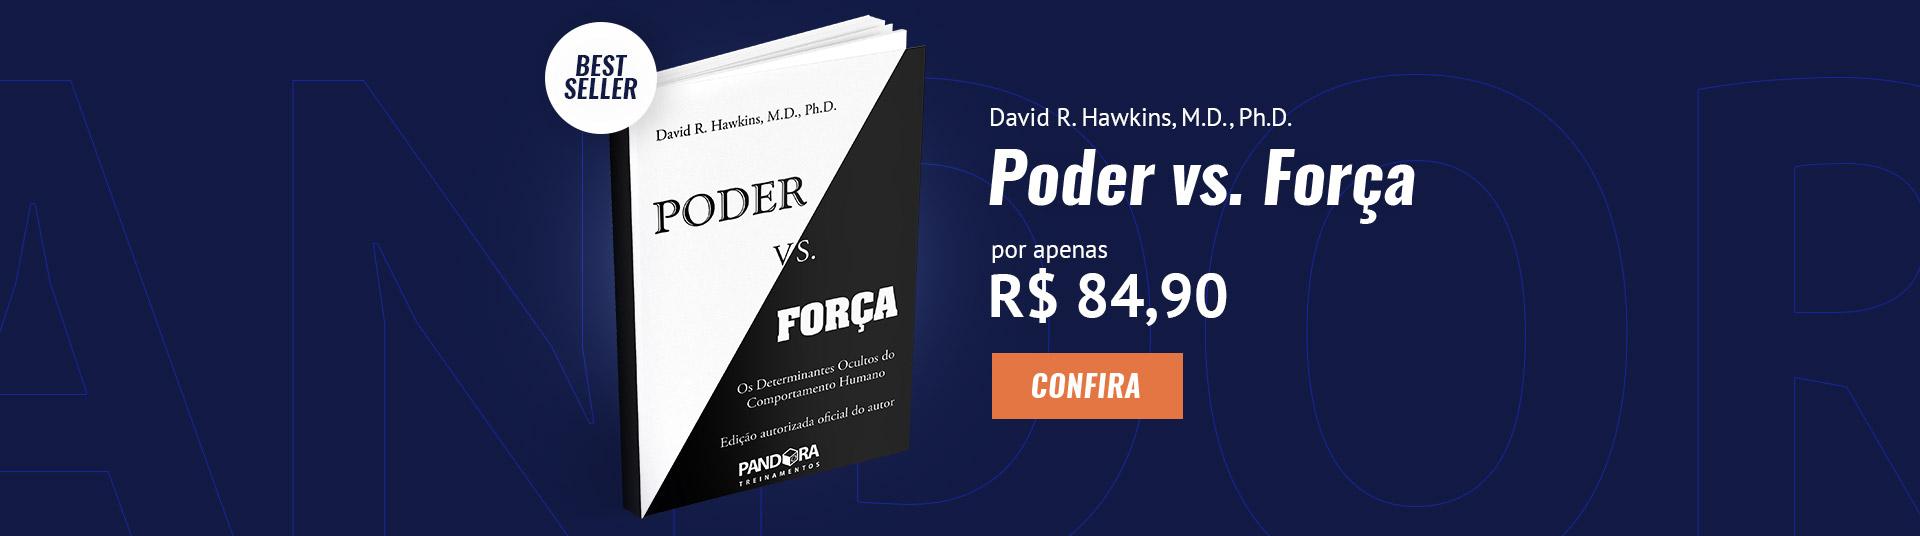 Livro Poder vs Força